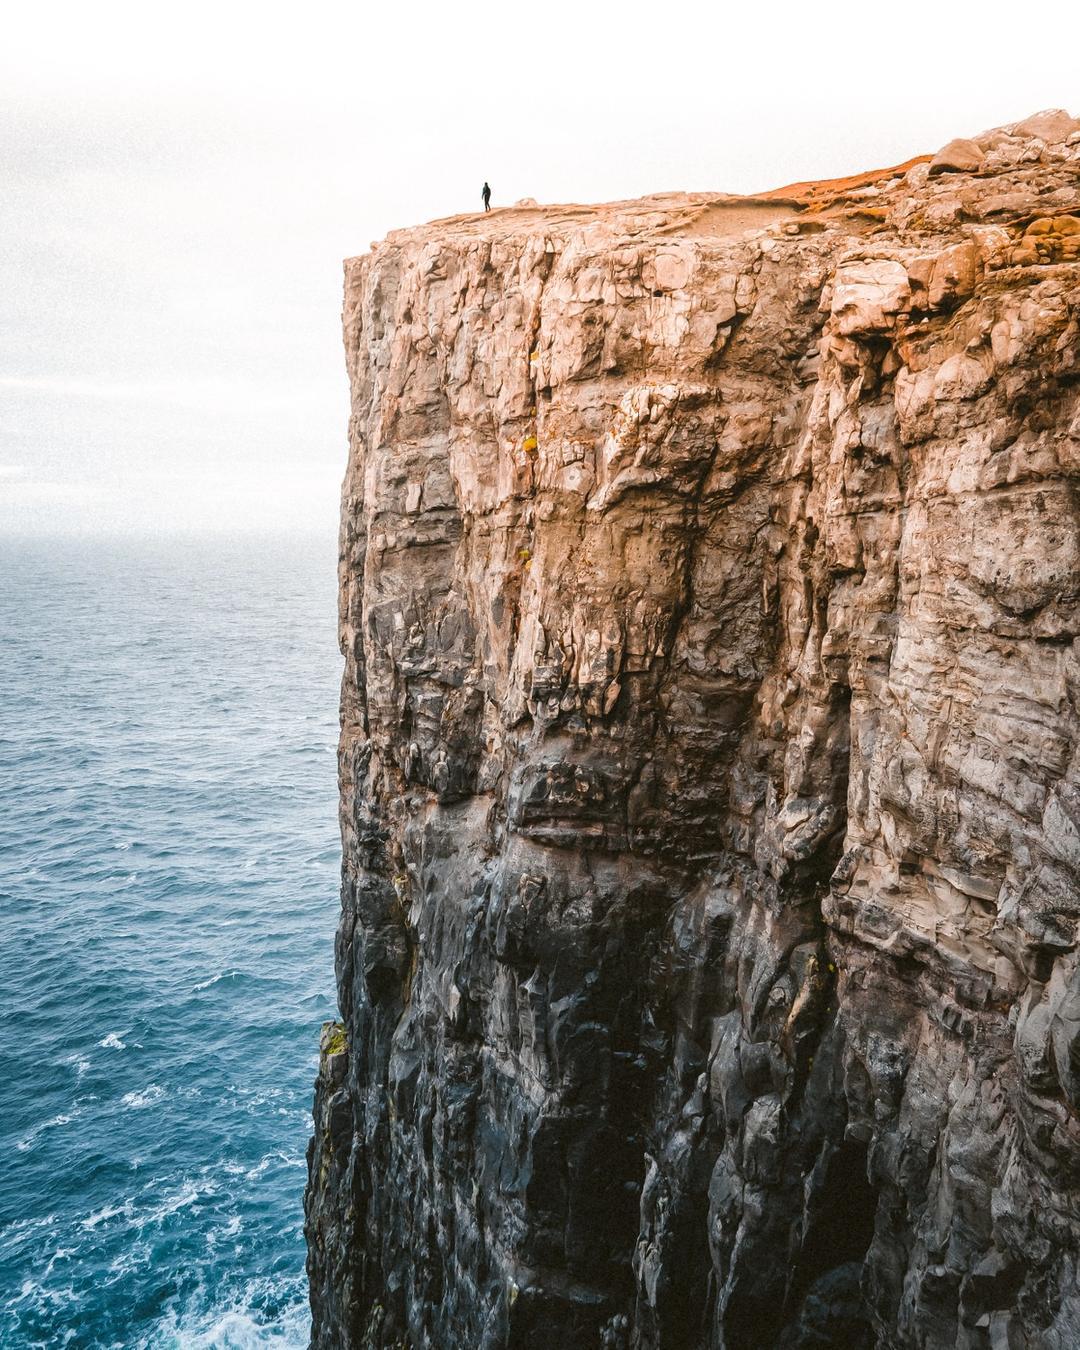 A cliffside